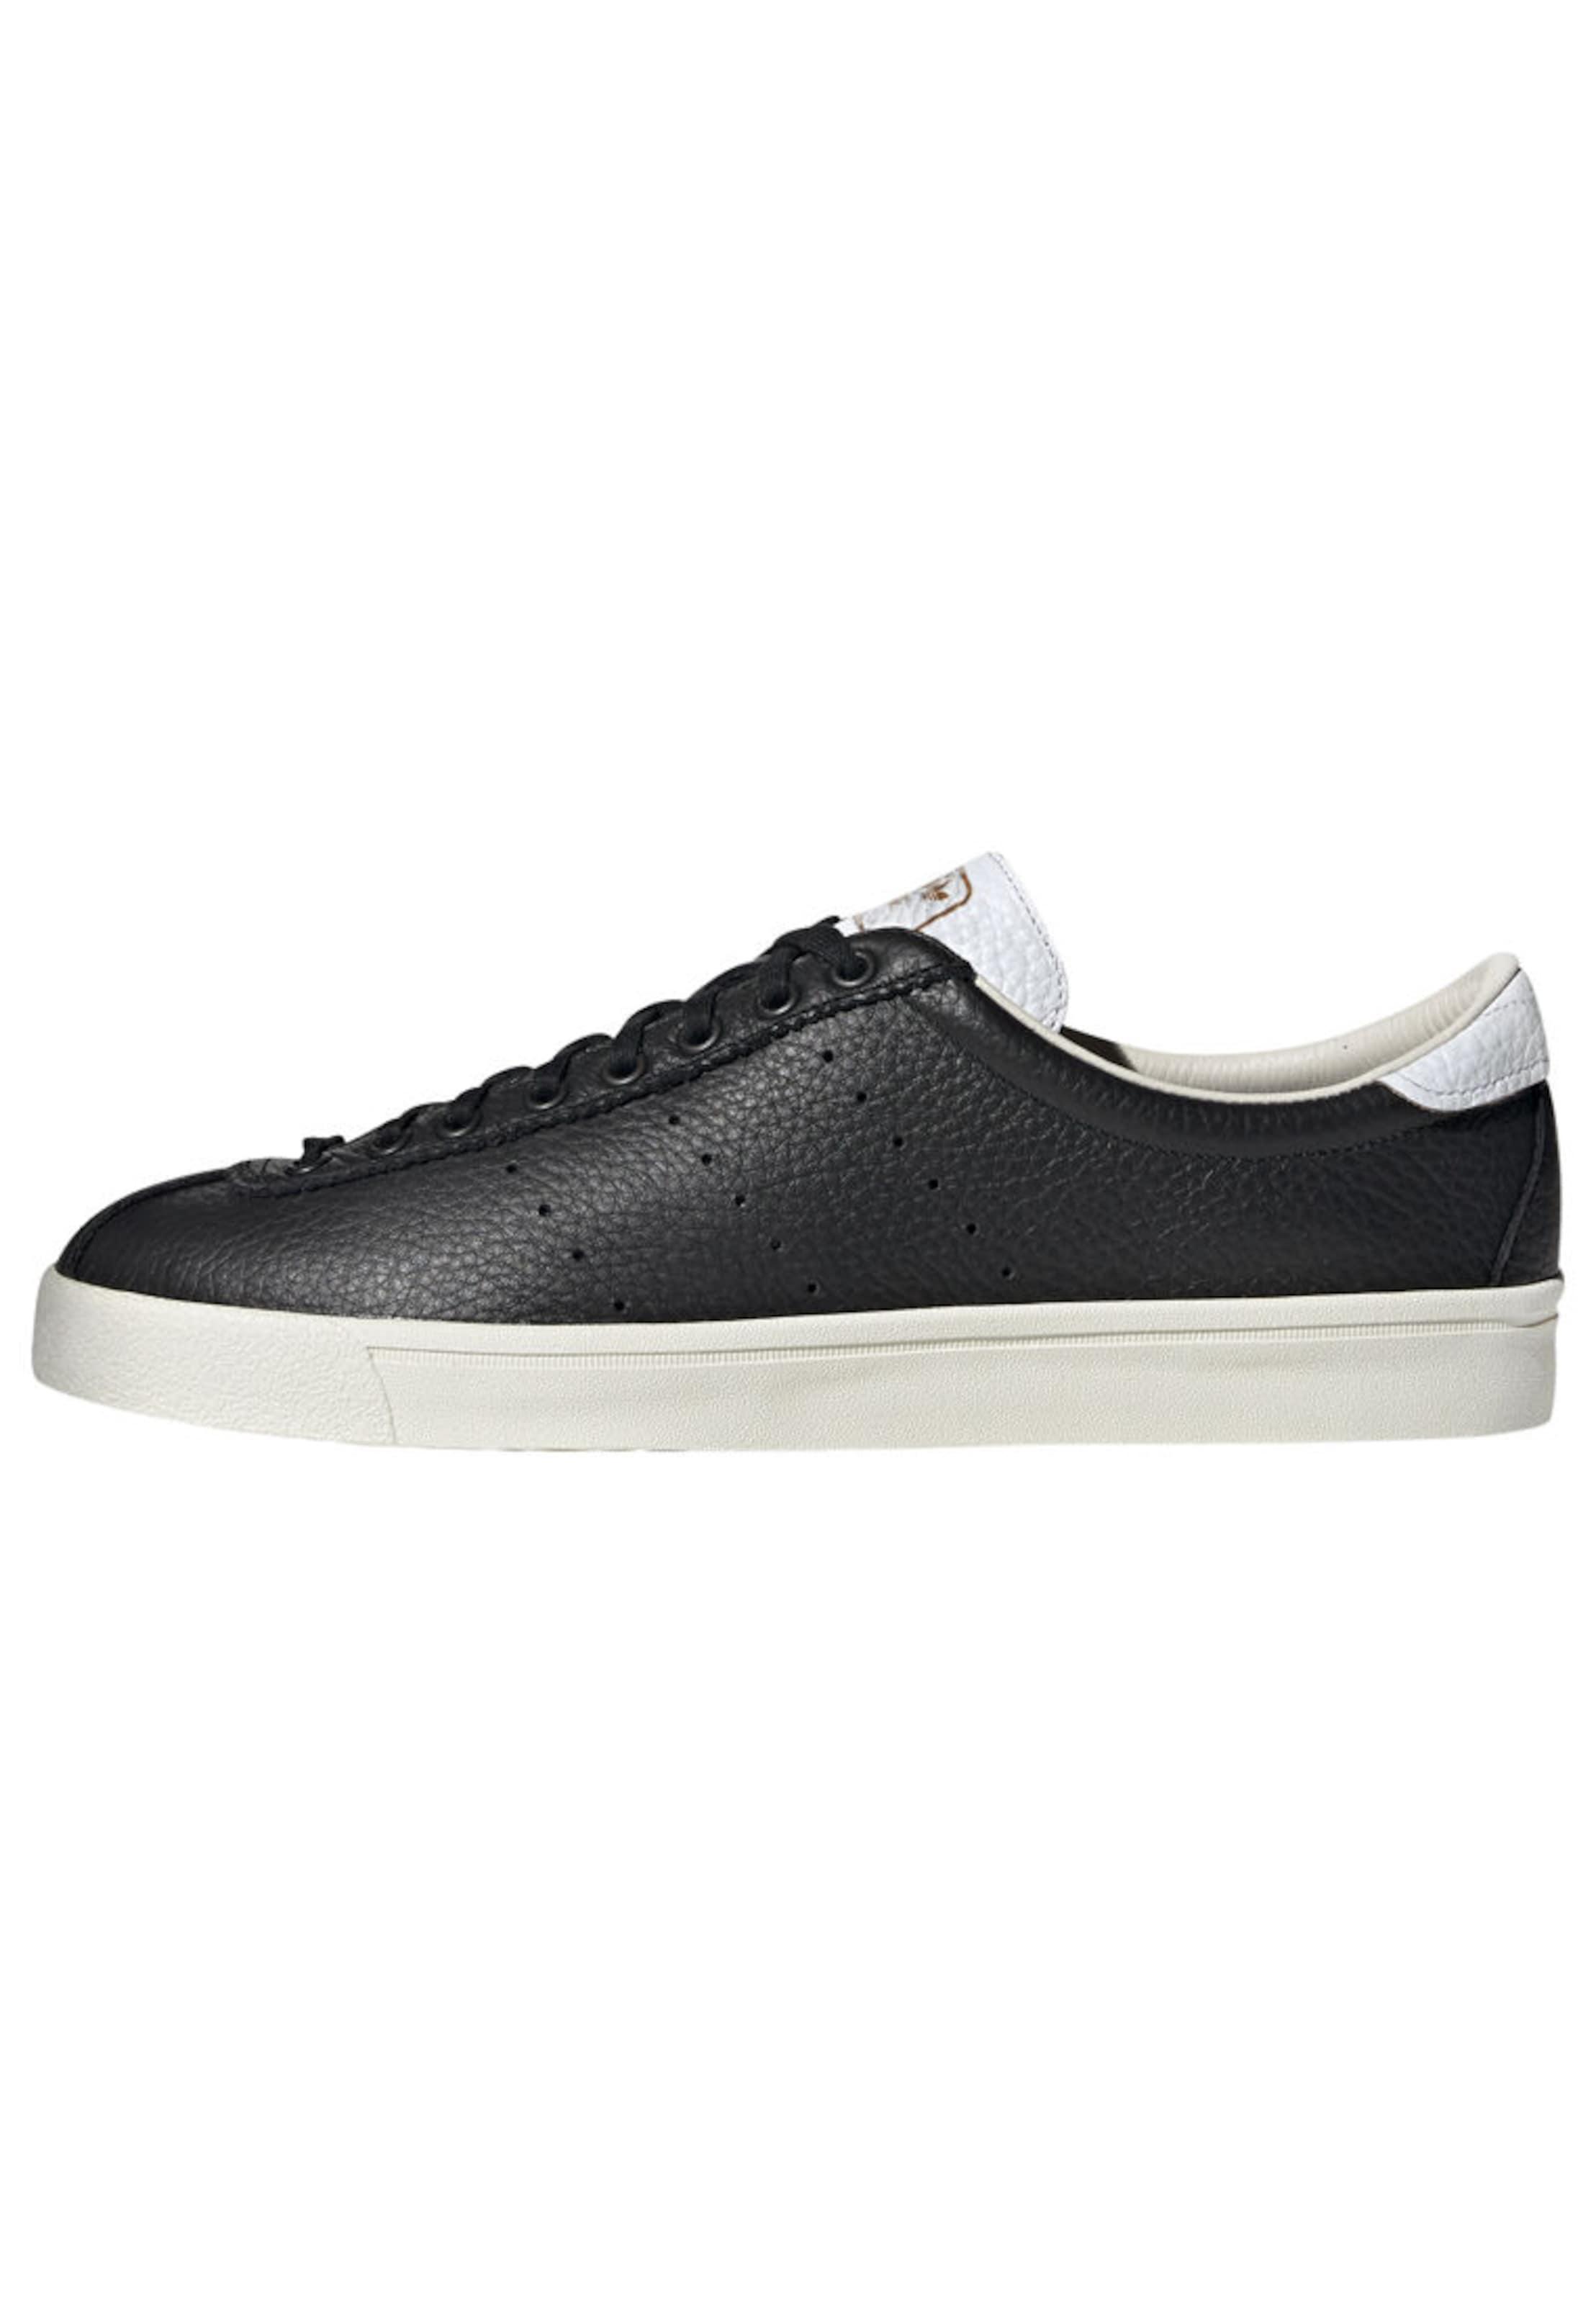 Originals Schuhe In SchwarzWeiß Adidas 'lacombe' LzGSqMVjUp